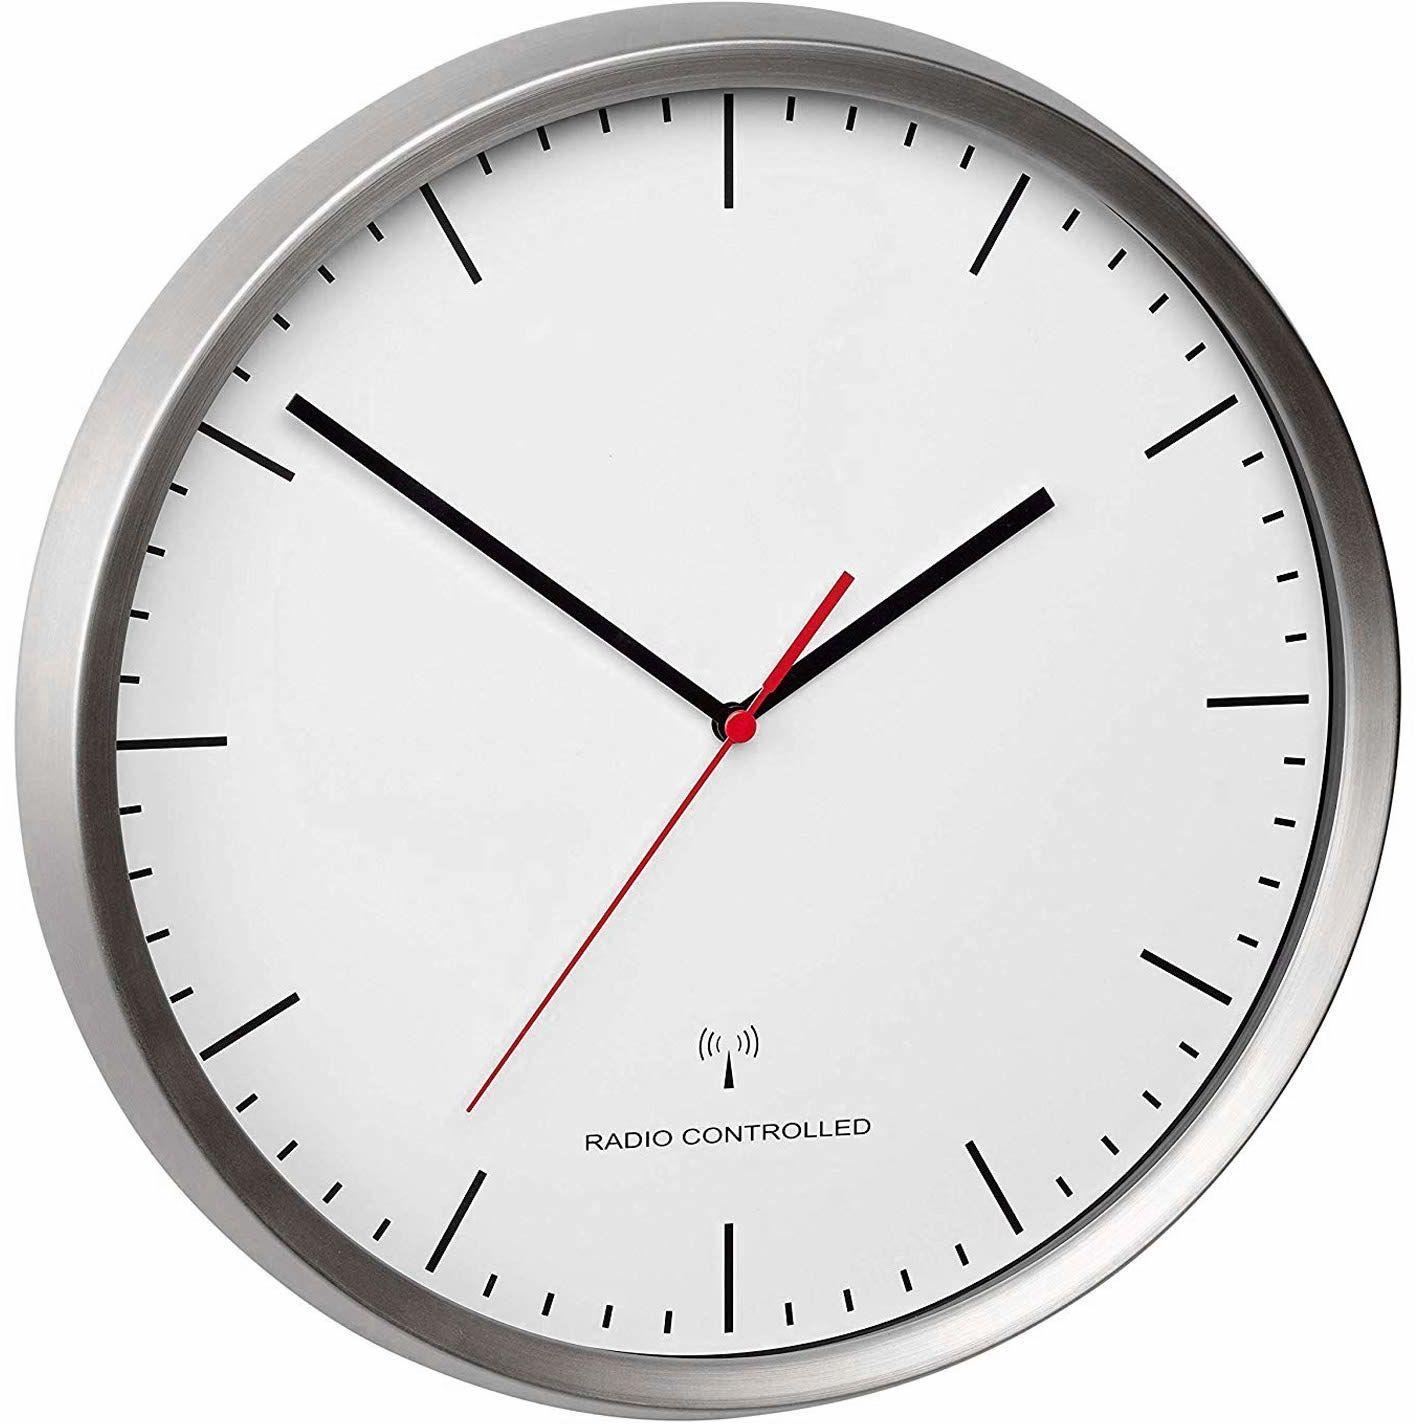 TFA Dostmann TFA analogowy zegar ścienny radiowy 60.3521.02, dł. 318 x szer. 60 x wys. 348 mm